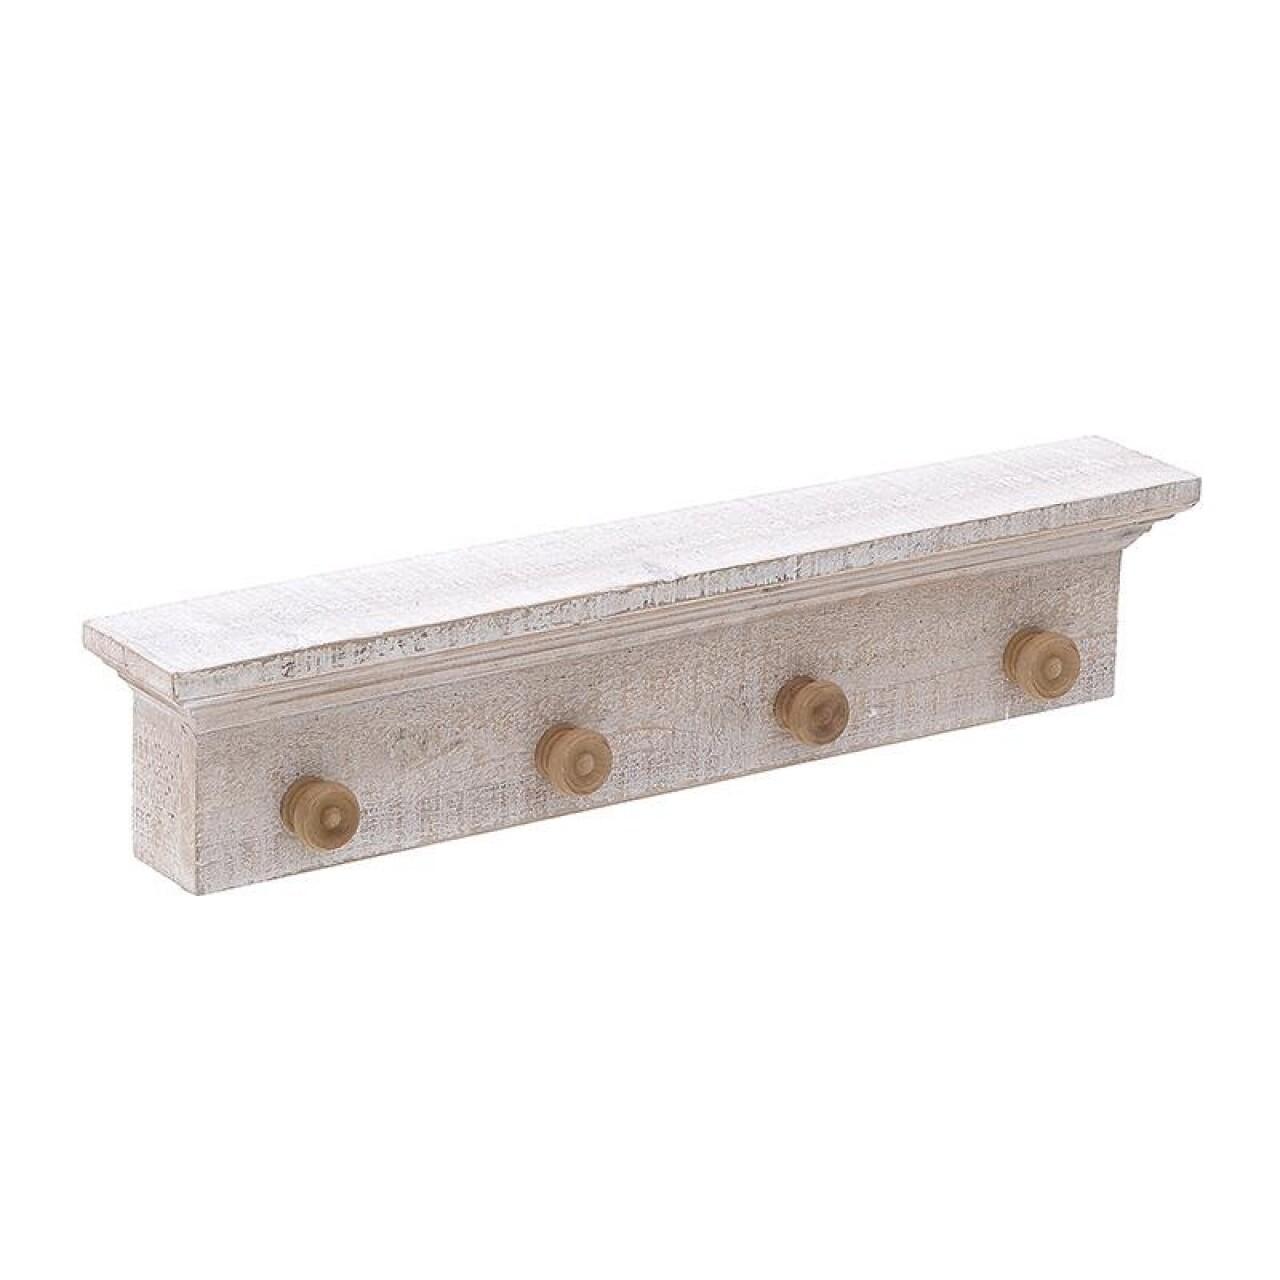 Cuier din lemn Vintage, InArt, 66 x 9.5 x 13.5 cm, 4 agatatori, lemn, crem